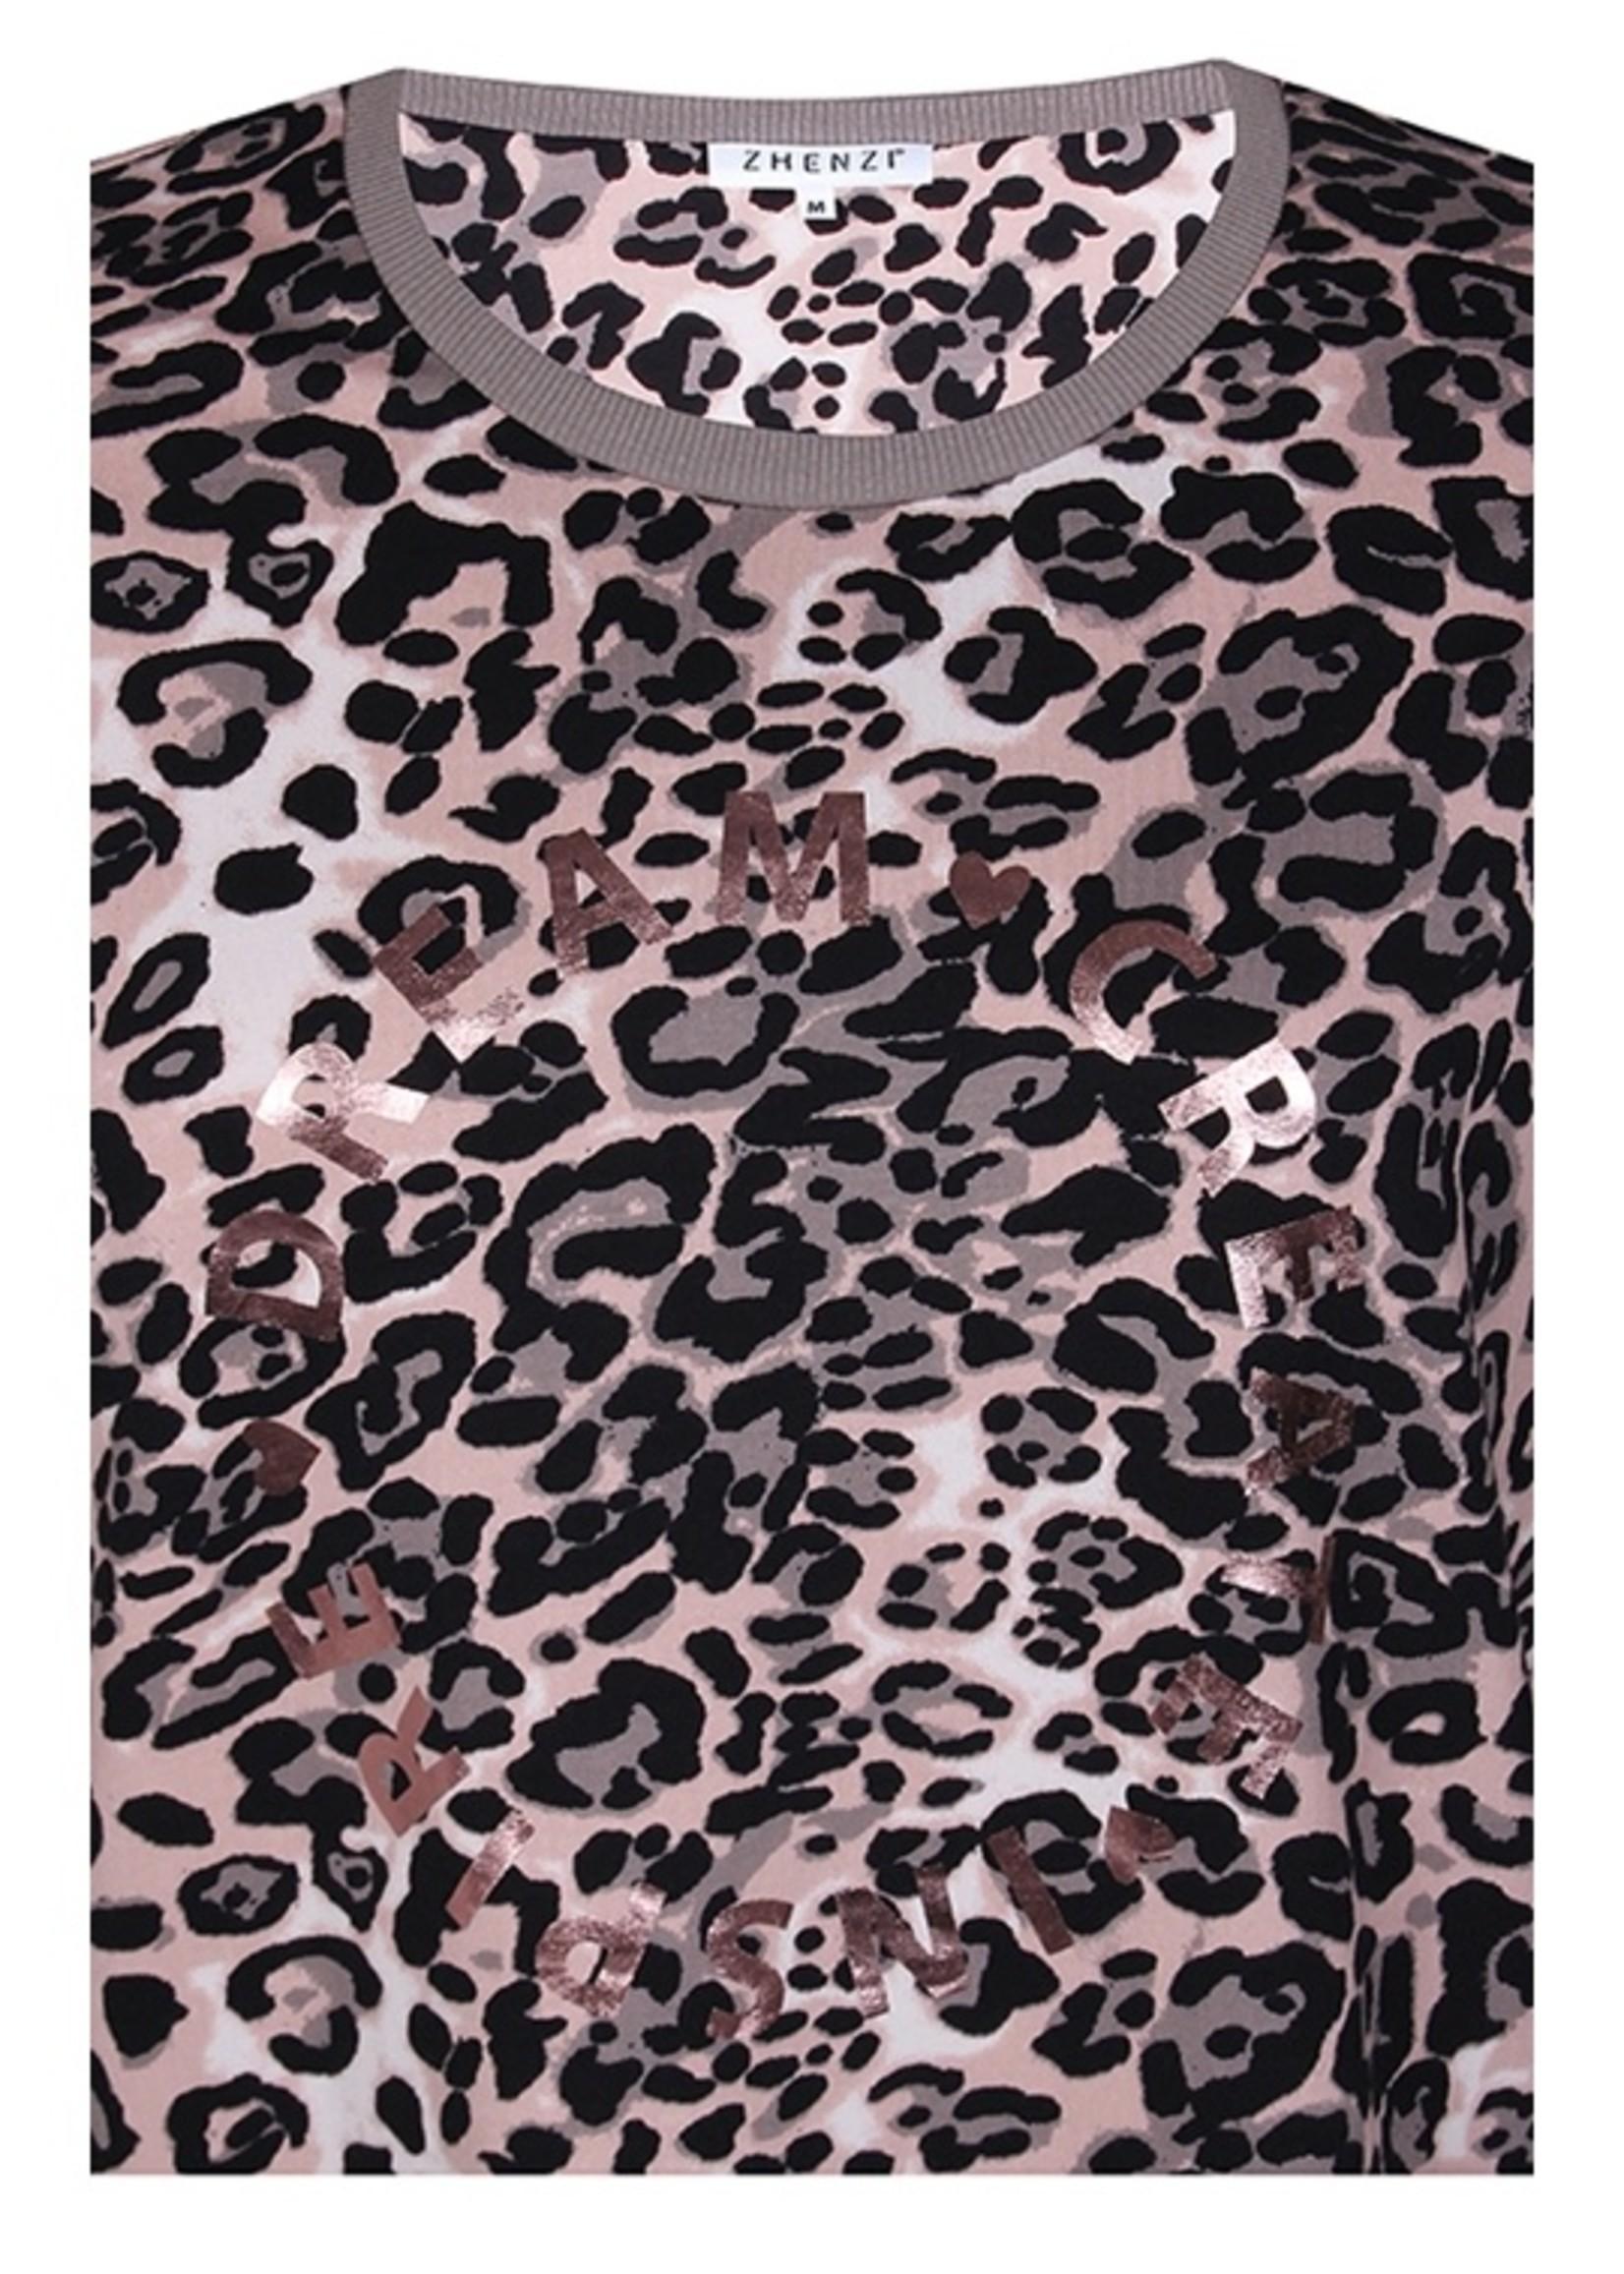 Zhenzi Zhenzi Sire Leopard Tunic